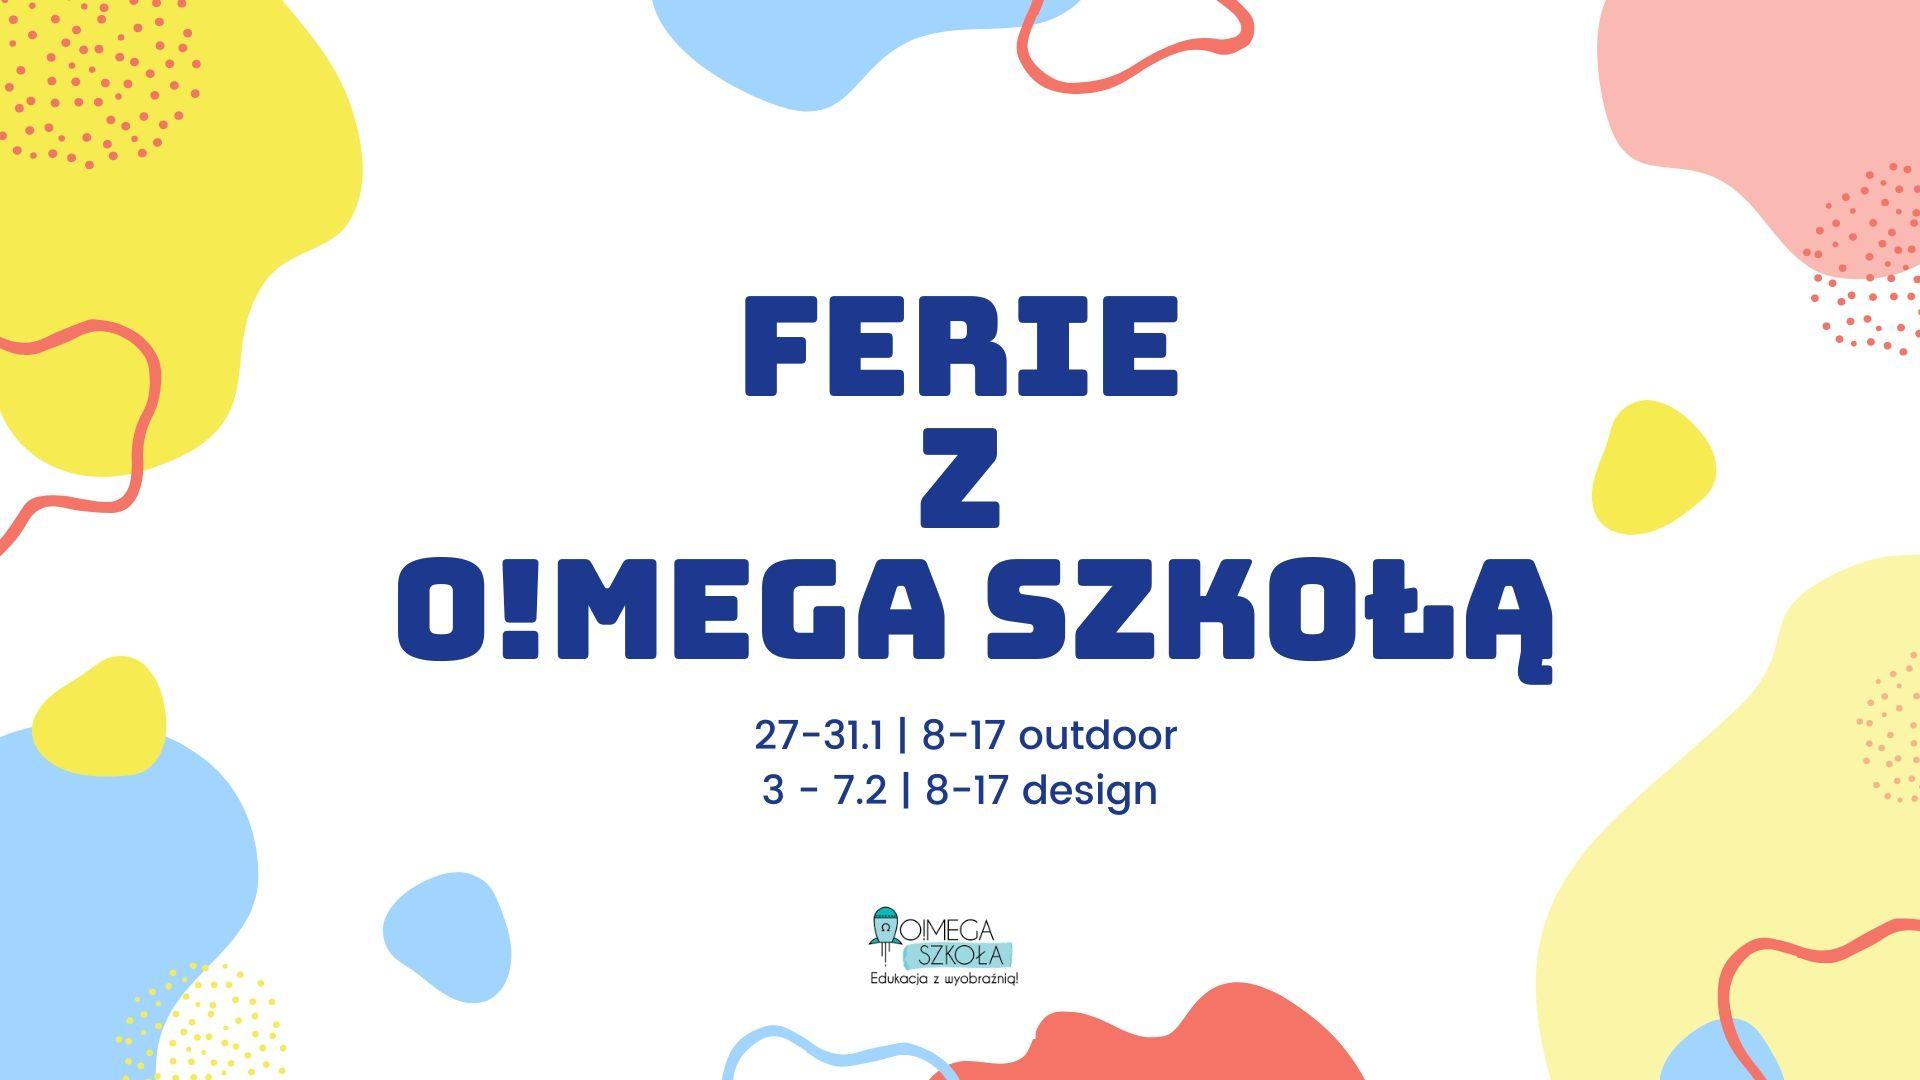 ferie 2020 omega szkoła